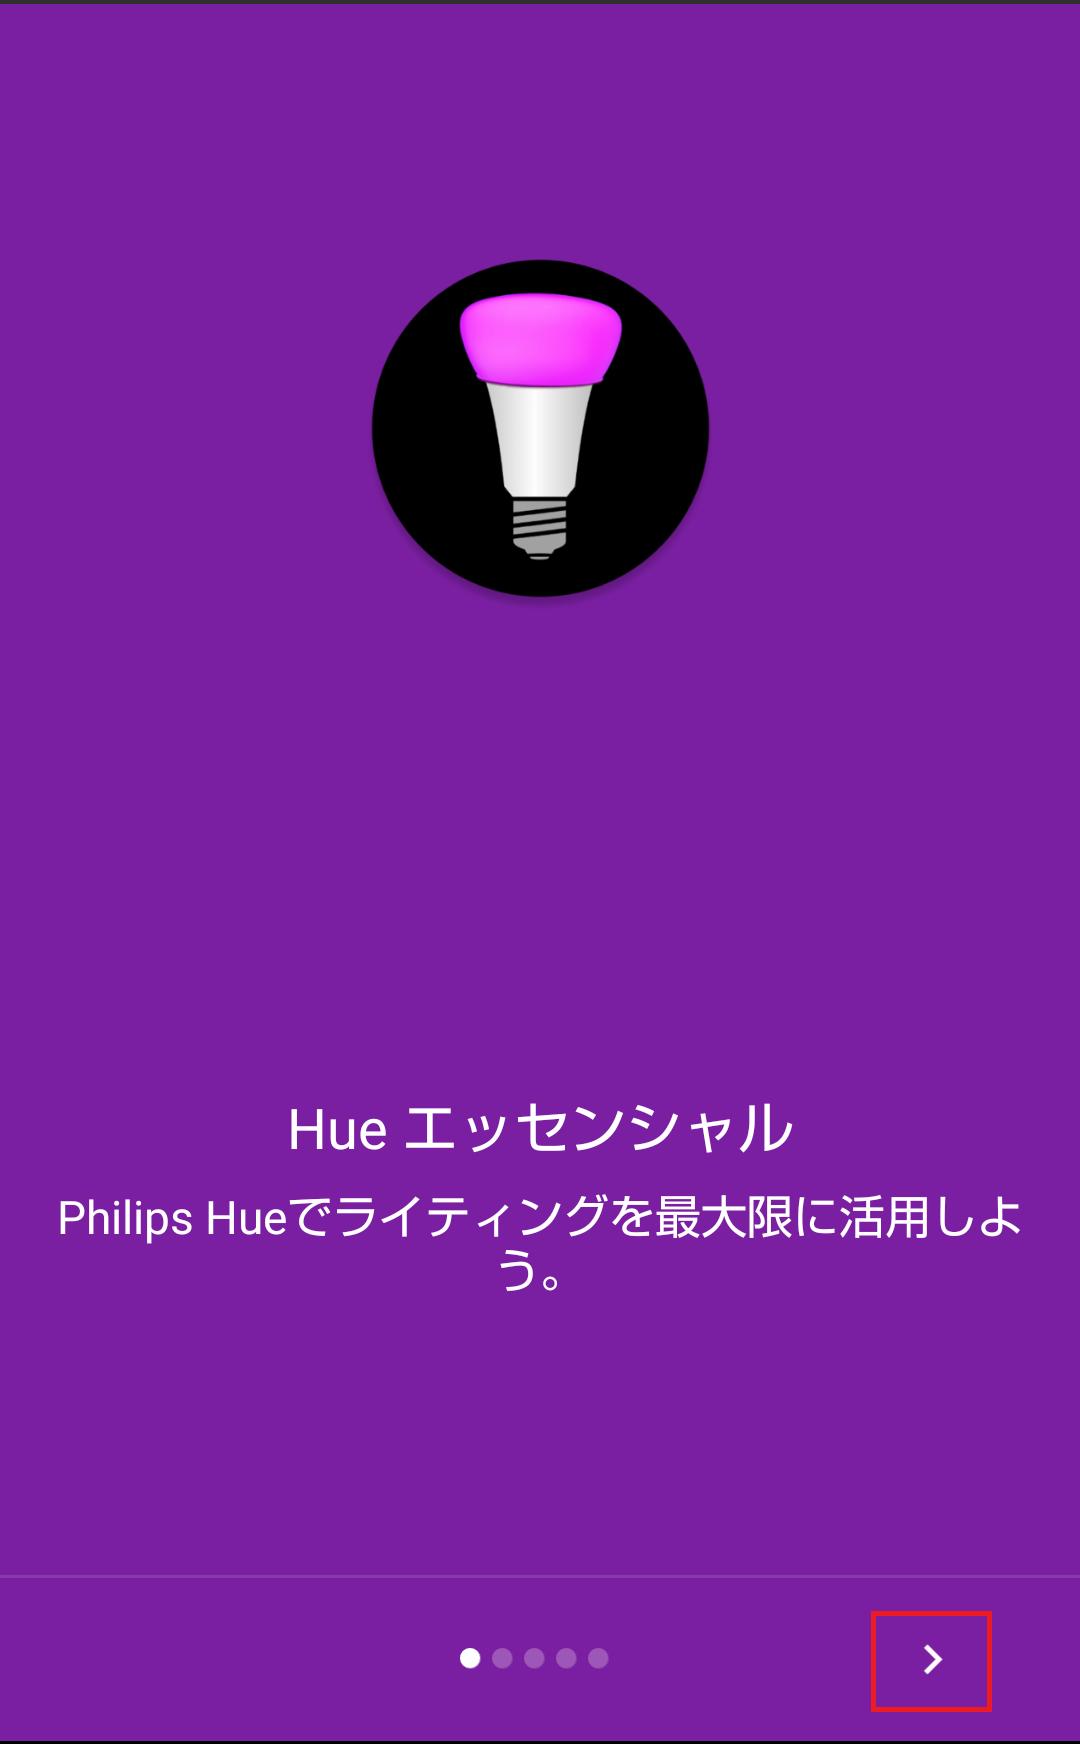 アプリを起動すると簡単な紹介画面が表示されるため、[>] をタップして読み進める